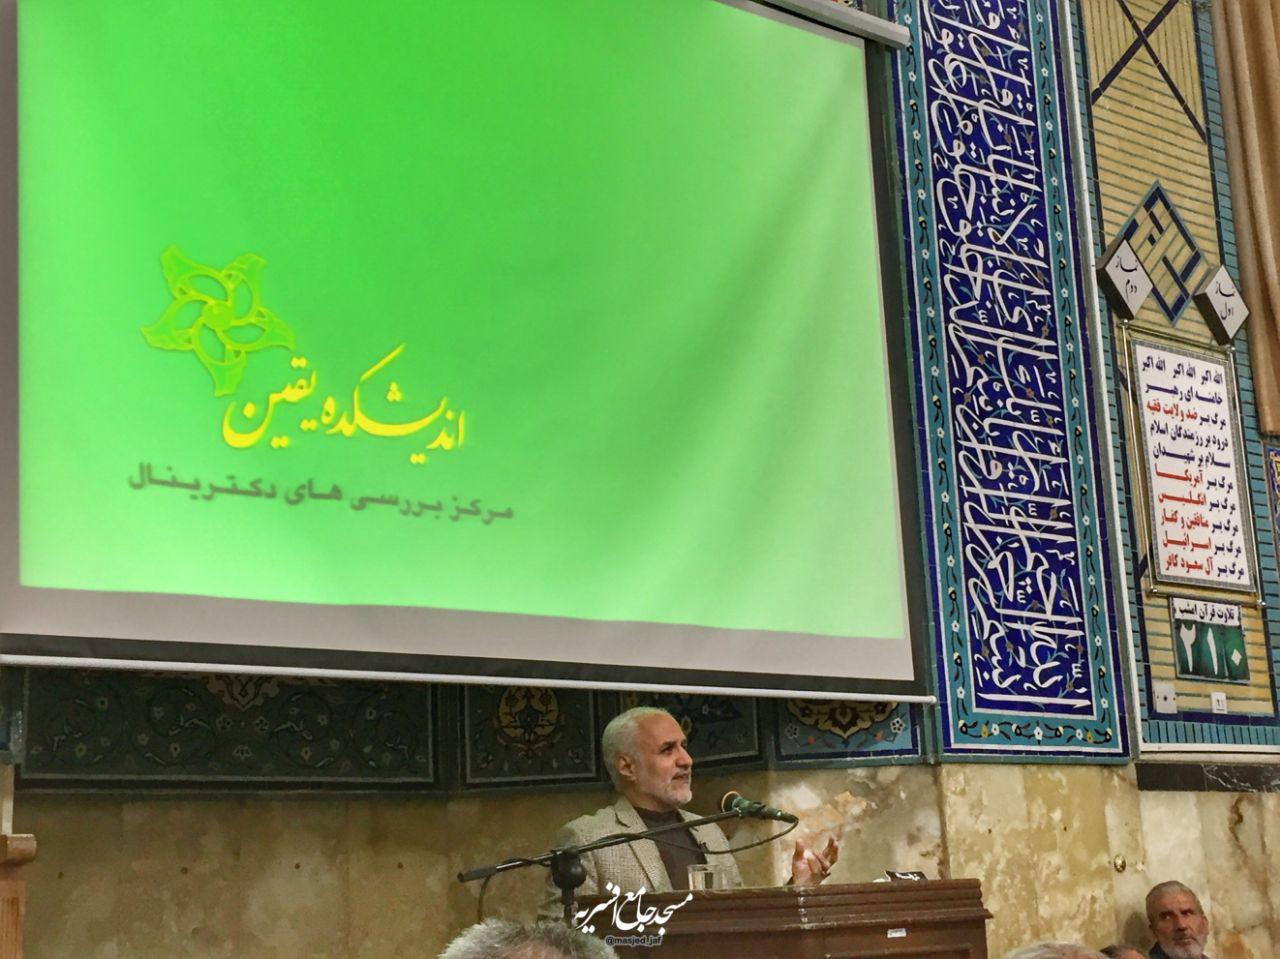 IMG 971123%20%285%29 نقل از تصویری؛ سخنرانی استاد حسن عباسی با موضوع چهل سالگی انقلاب اسلامی و همچنين افق های پیش رو